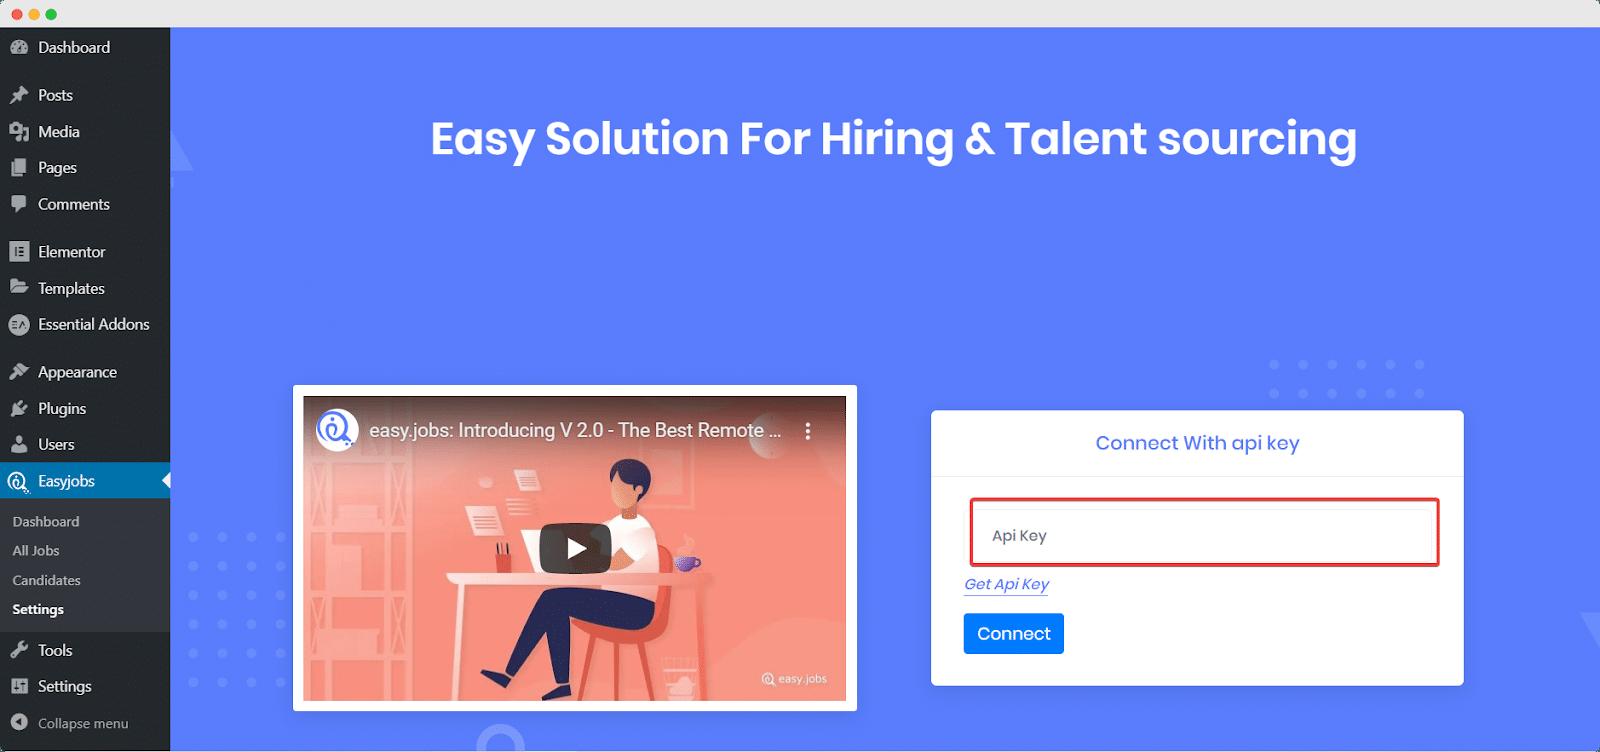 Easy.Jobsを使用して5分で見事なキャリアサイトを作成[無料] 6